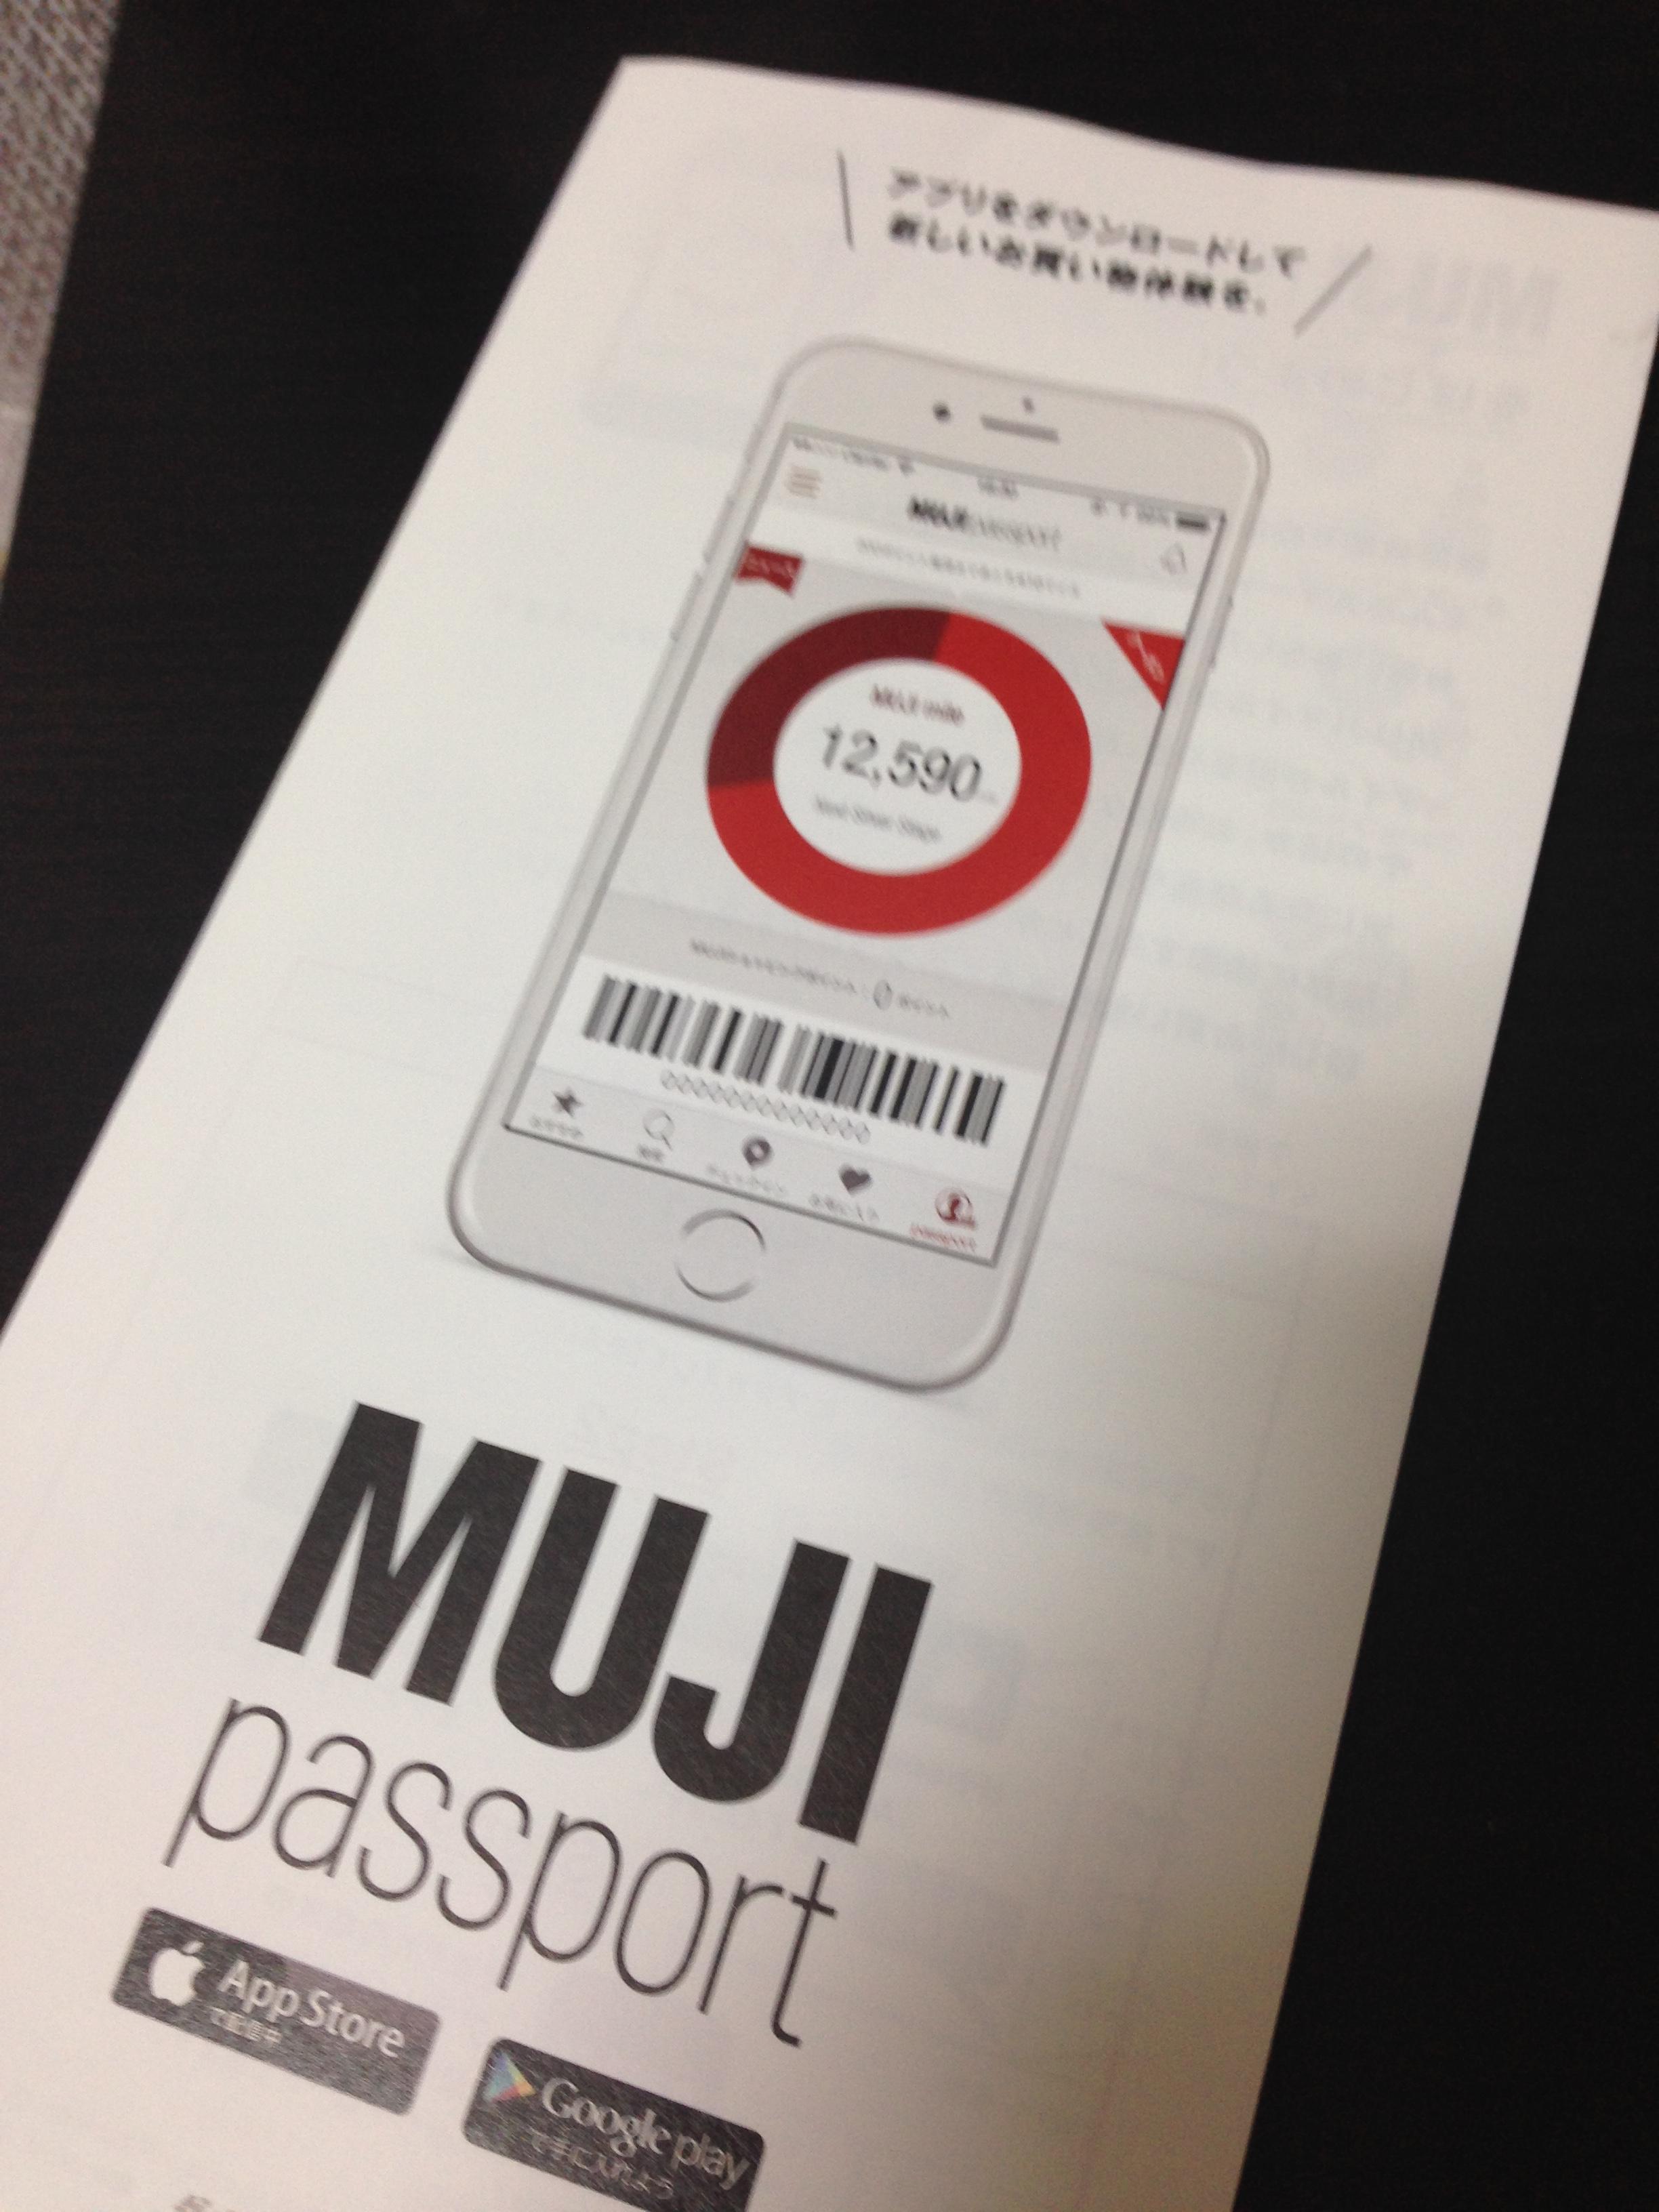 無印良品のMUJIpassportを使ってみた。優待クーポンや誕生月にはショッピングポイントがもらえます。